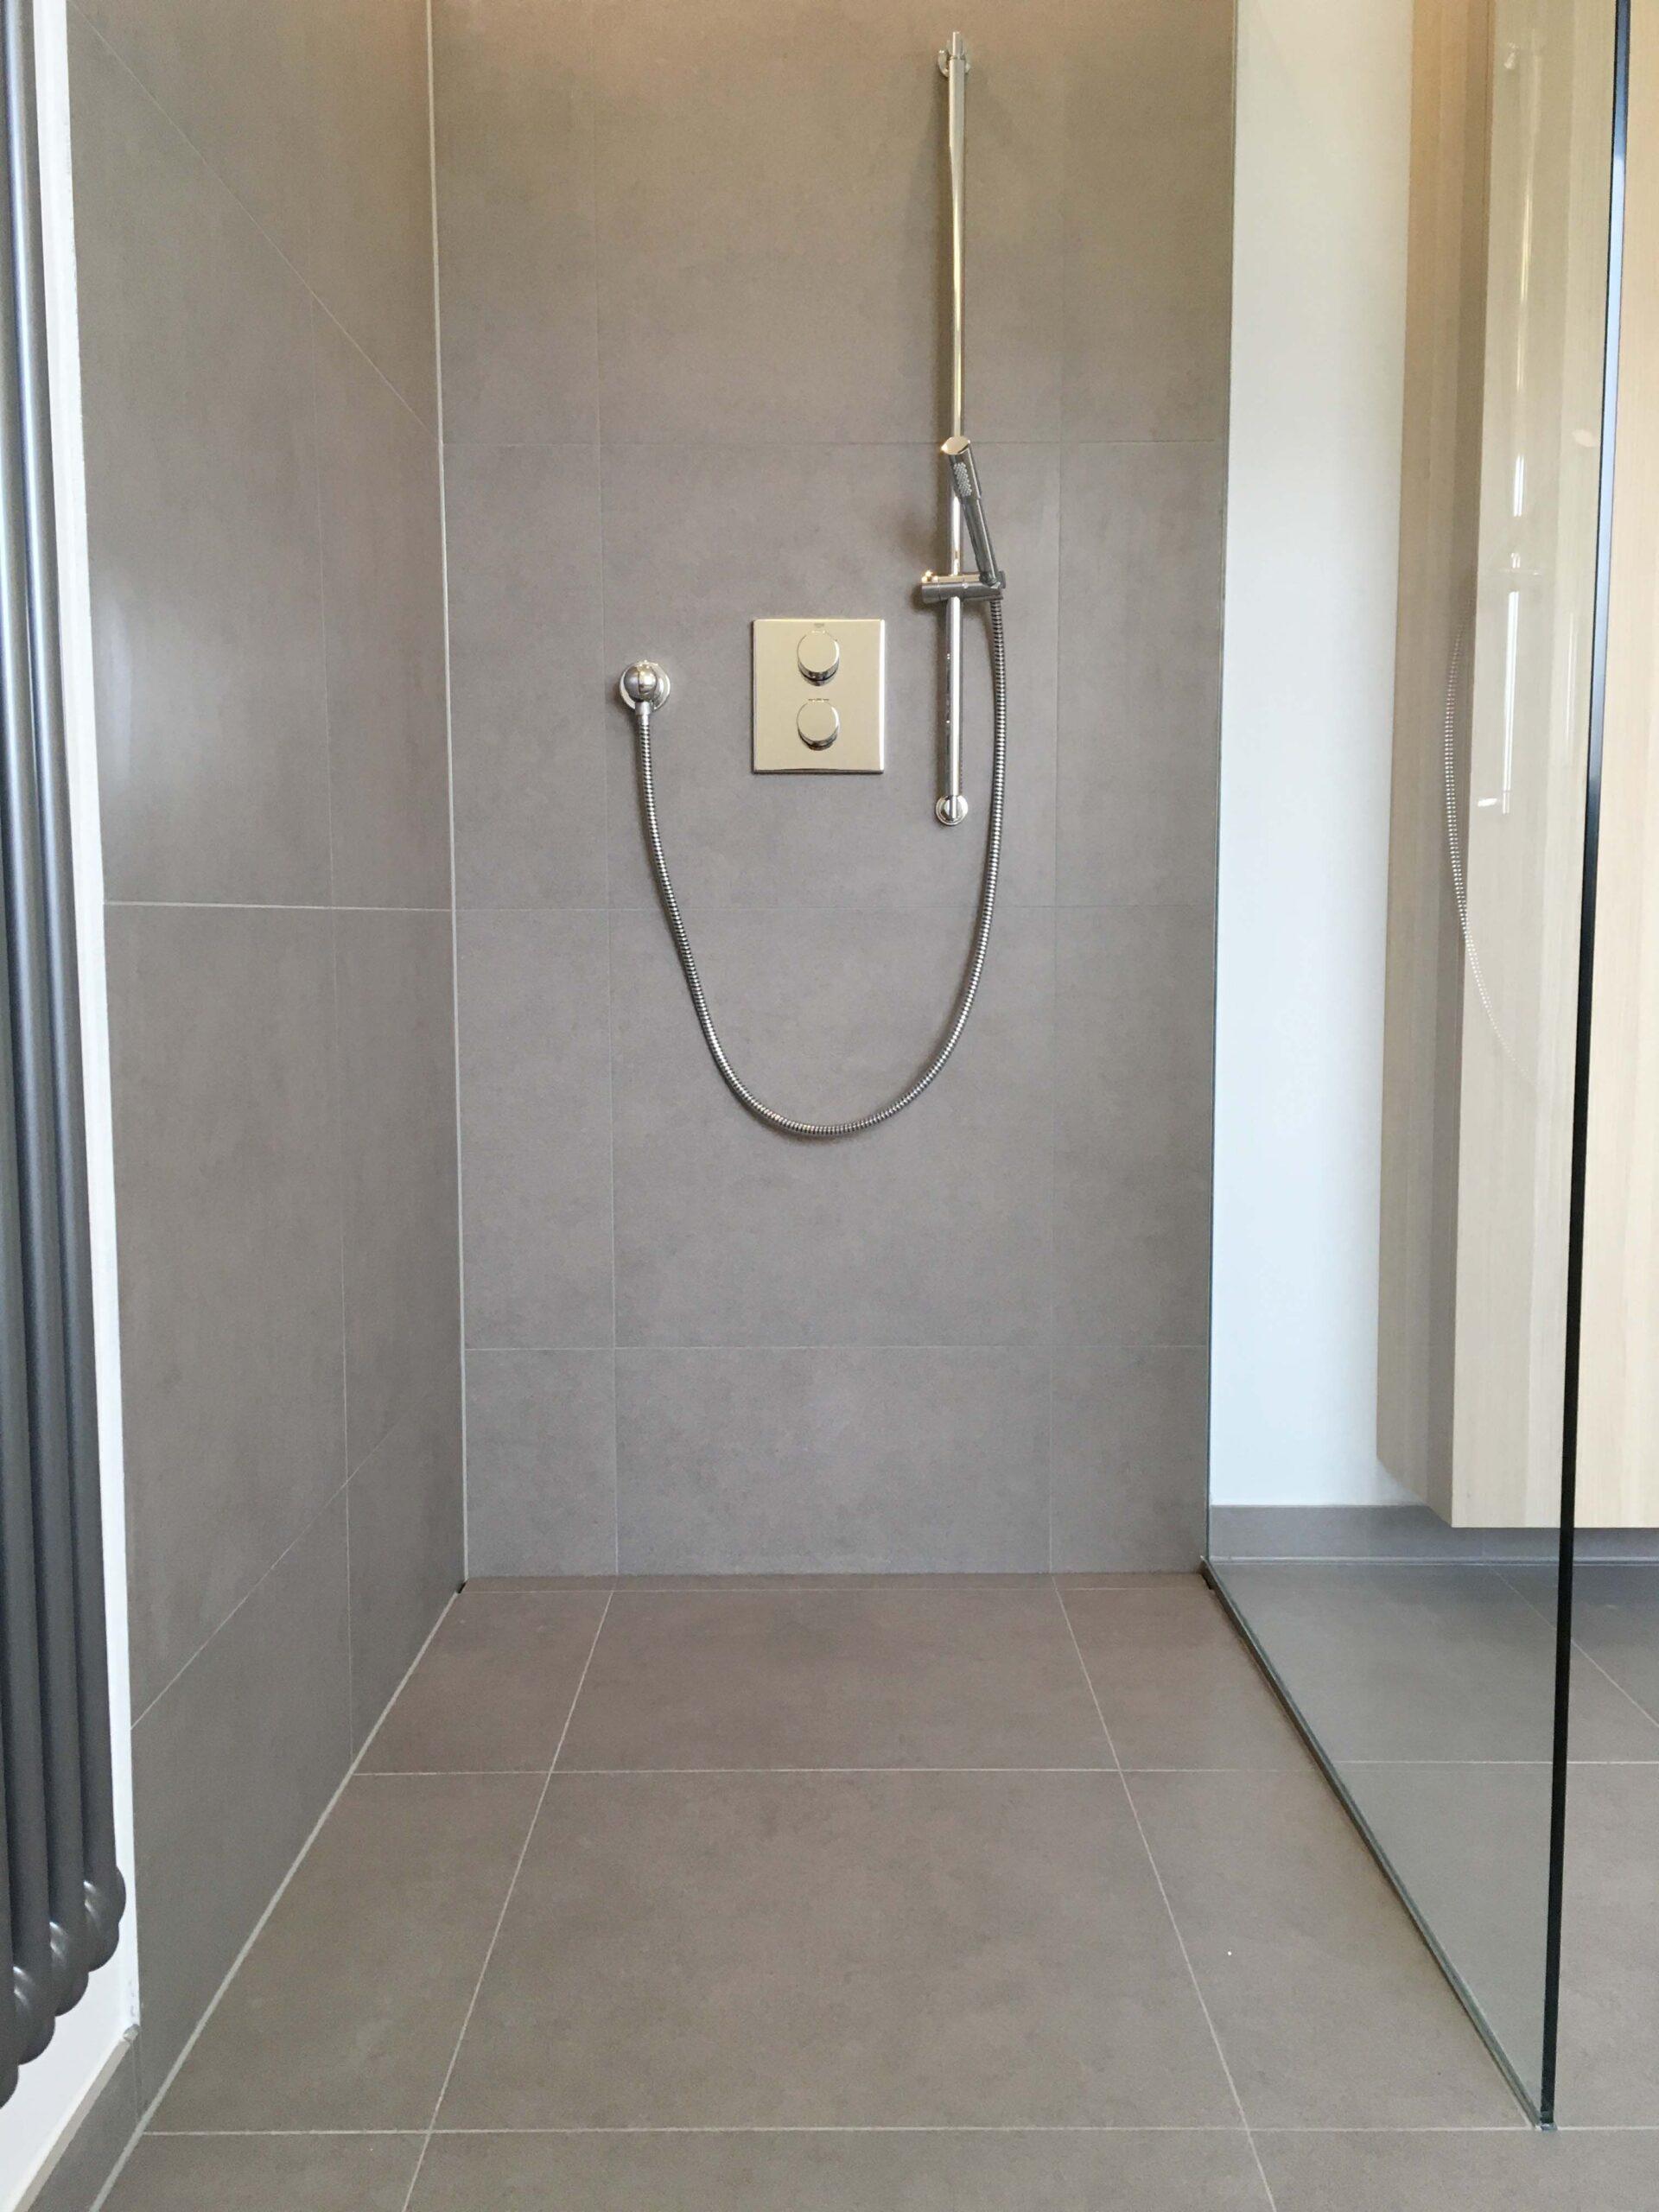 Full Size of Dusche Ebenerdig Grau Fliesen Glasabtrennung Rainshower Walk In Mischbatterie Ebenerdige Kosten Bodengleich Schiebetür Hüppe Nischentür Antirutschmatte Dusche Dusche Ebenerdig